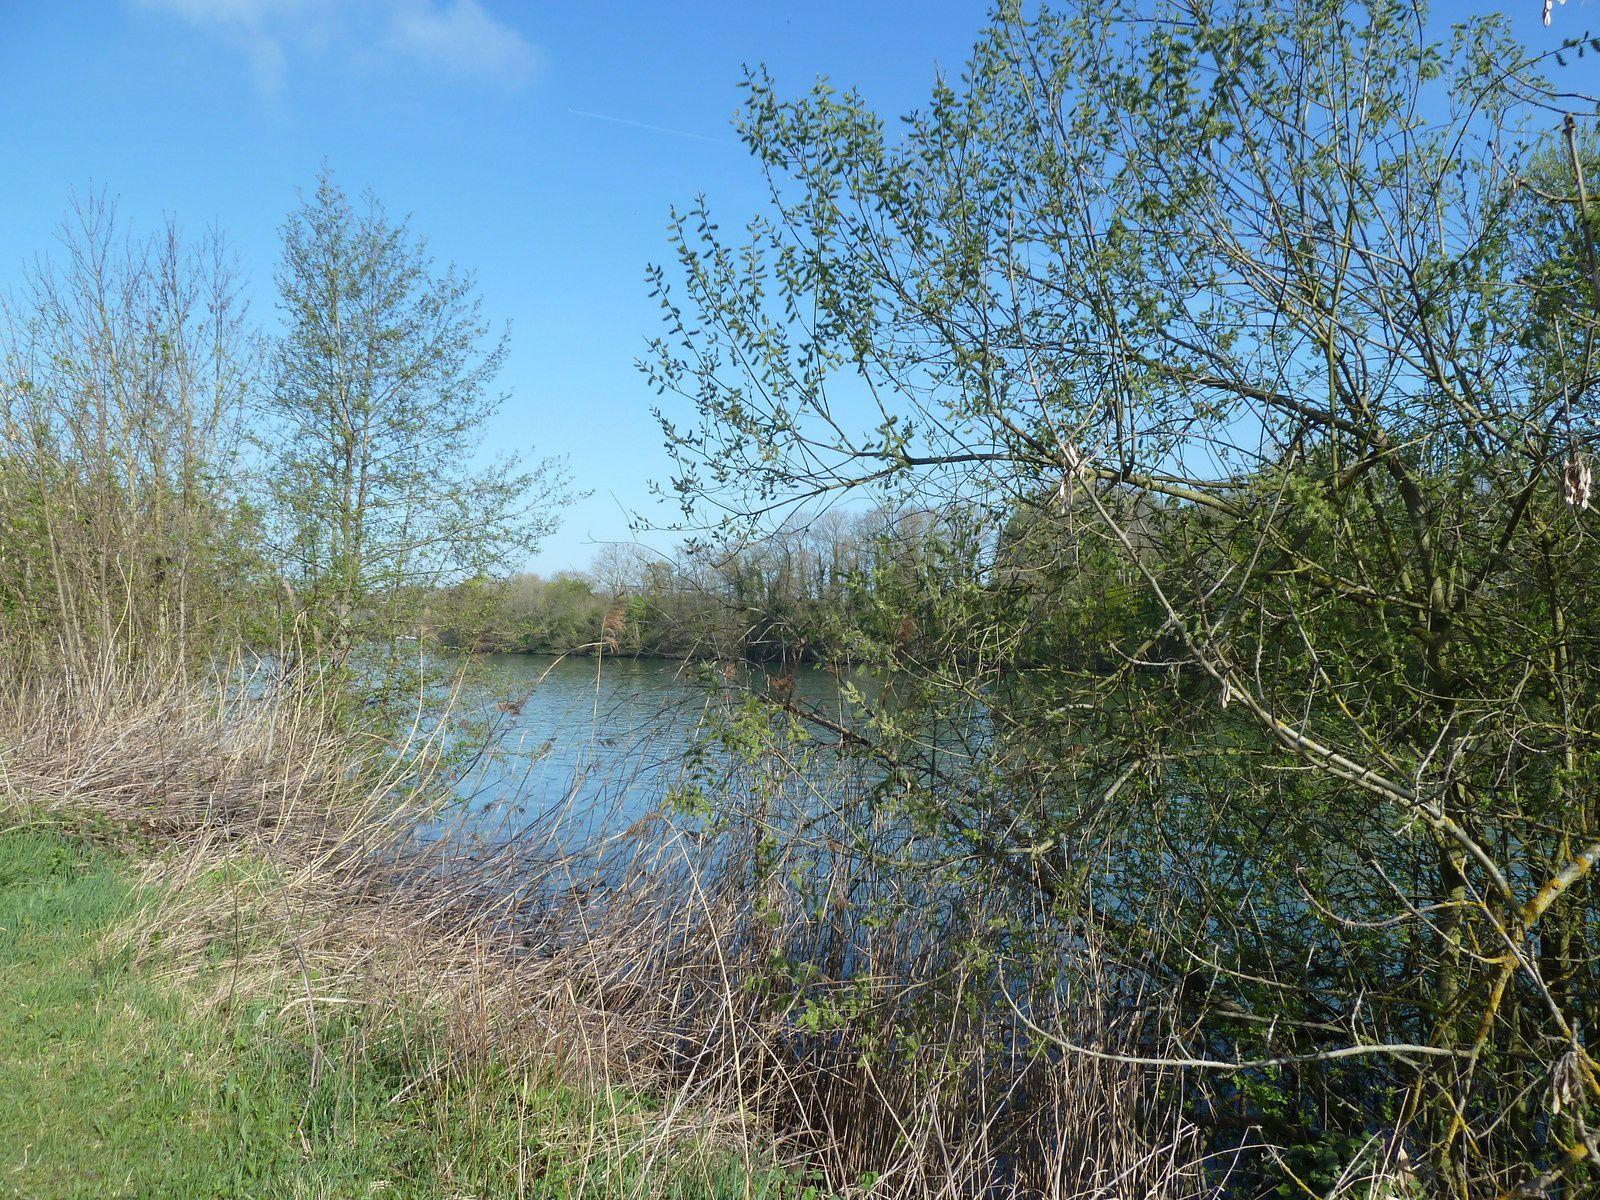 Nous atteignons rapidement les bords de Seine, des panneaux explicatifs sur la faune et la flore sont installés le long du cours d'eau.